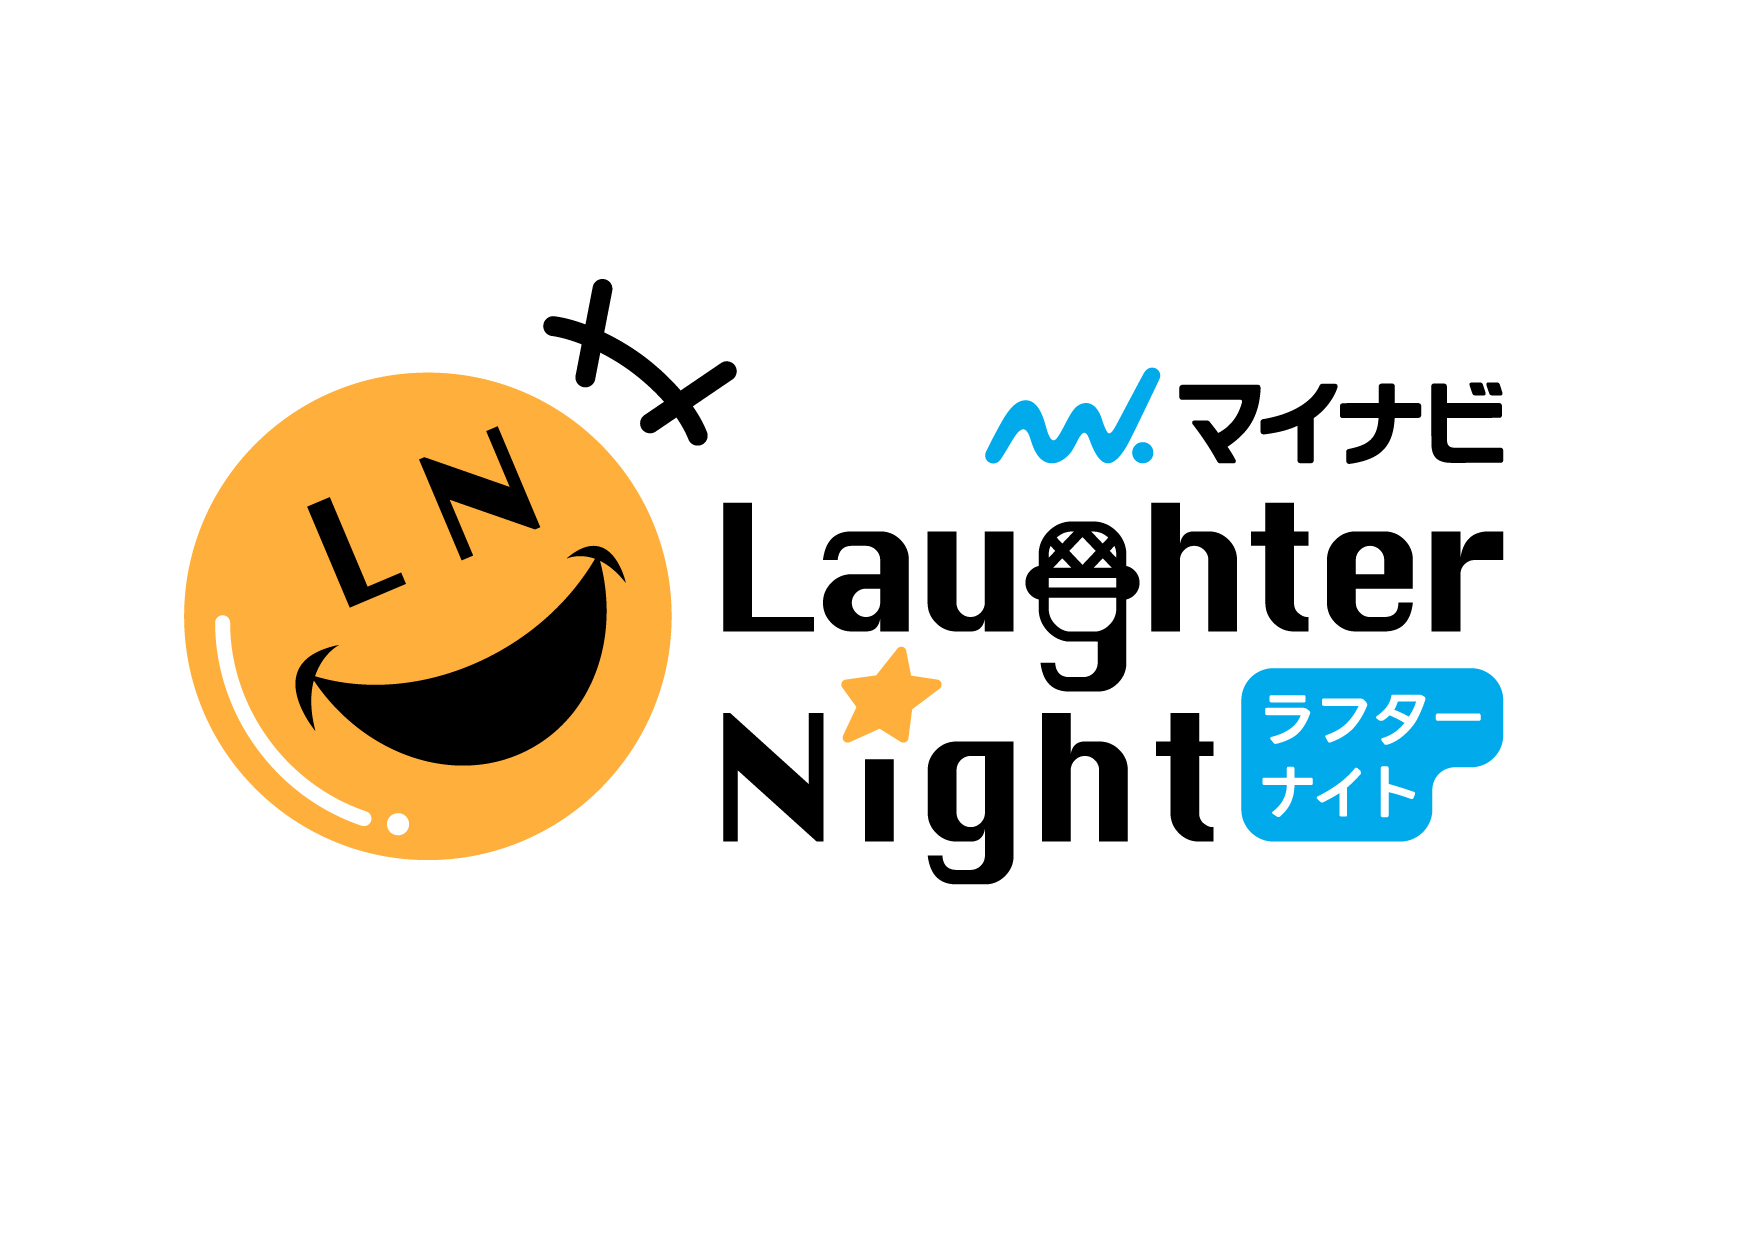 マイナビ Laughter Night オンエア争奪ライブ(公開録音)<6月>